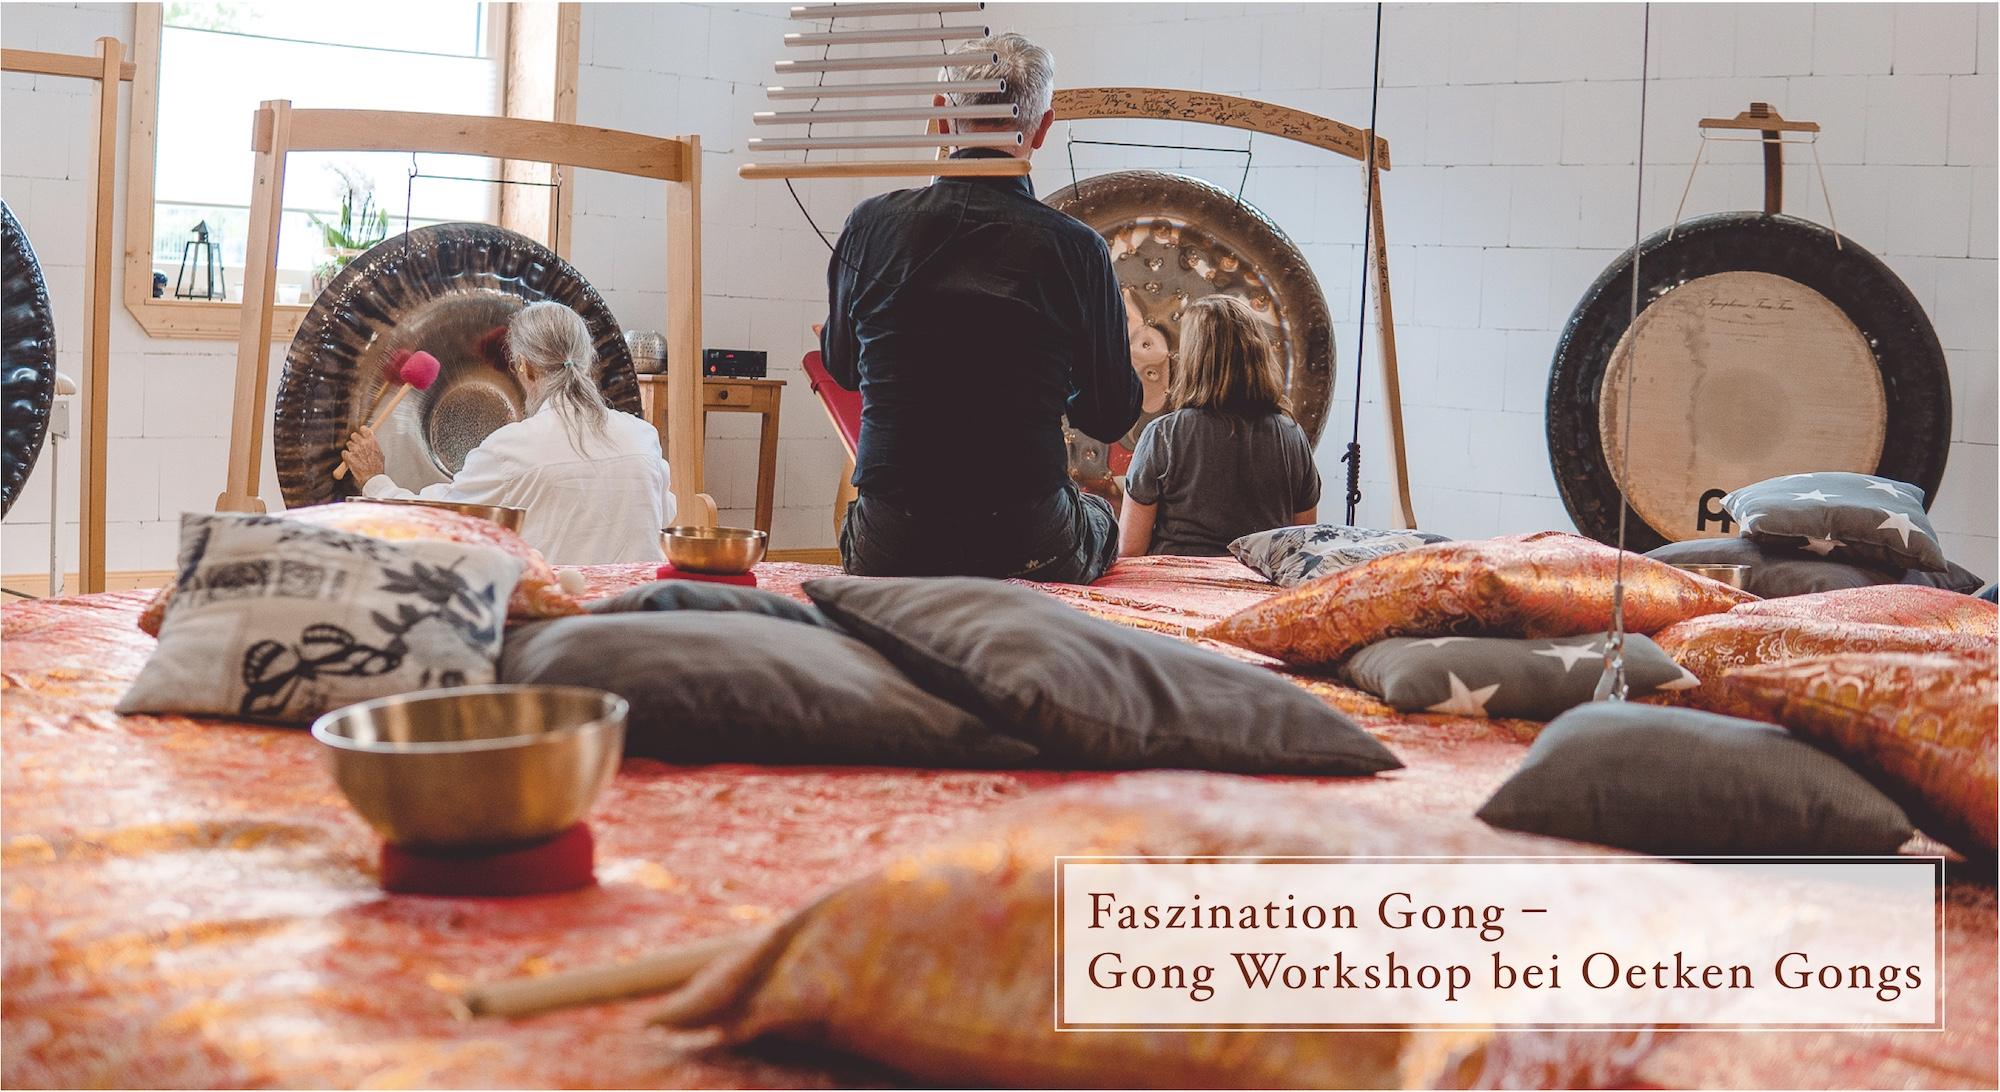 Faszination Gong - Gongworkshop bei Oetken Gongs